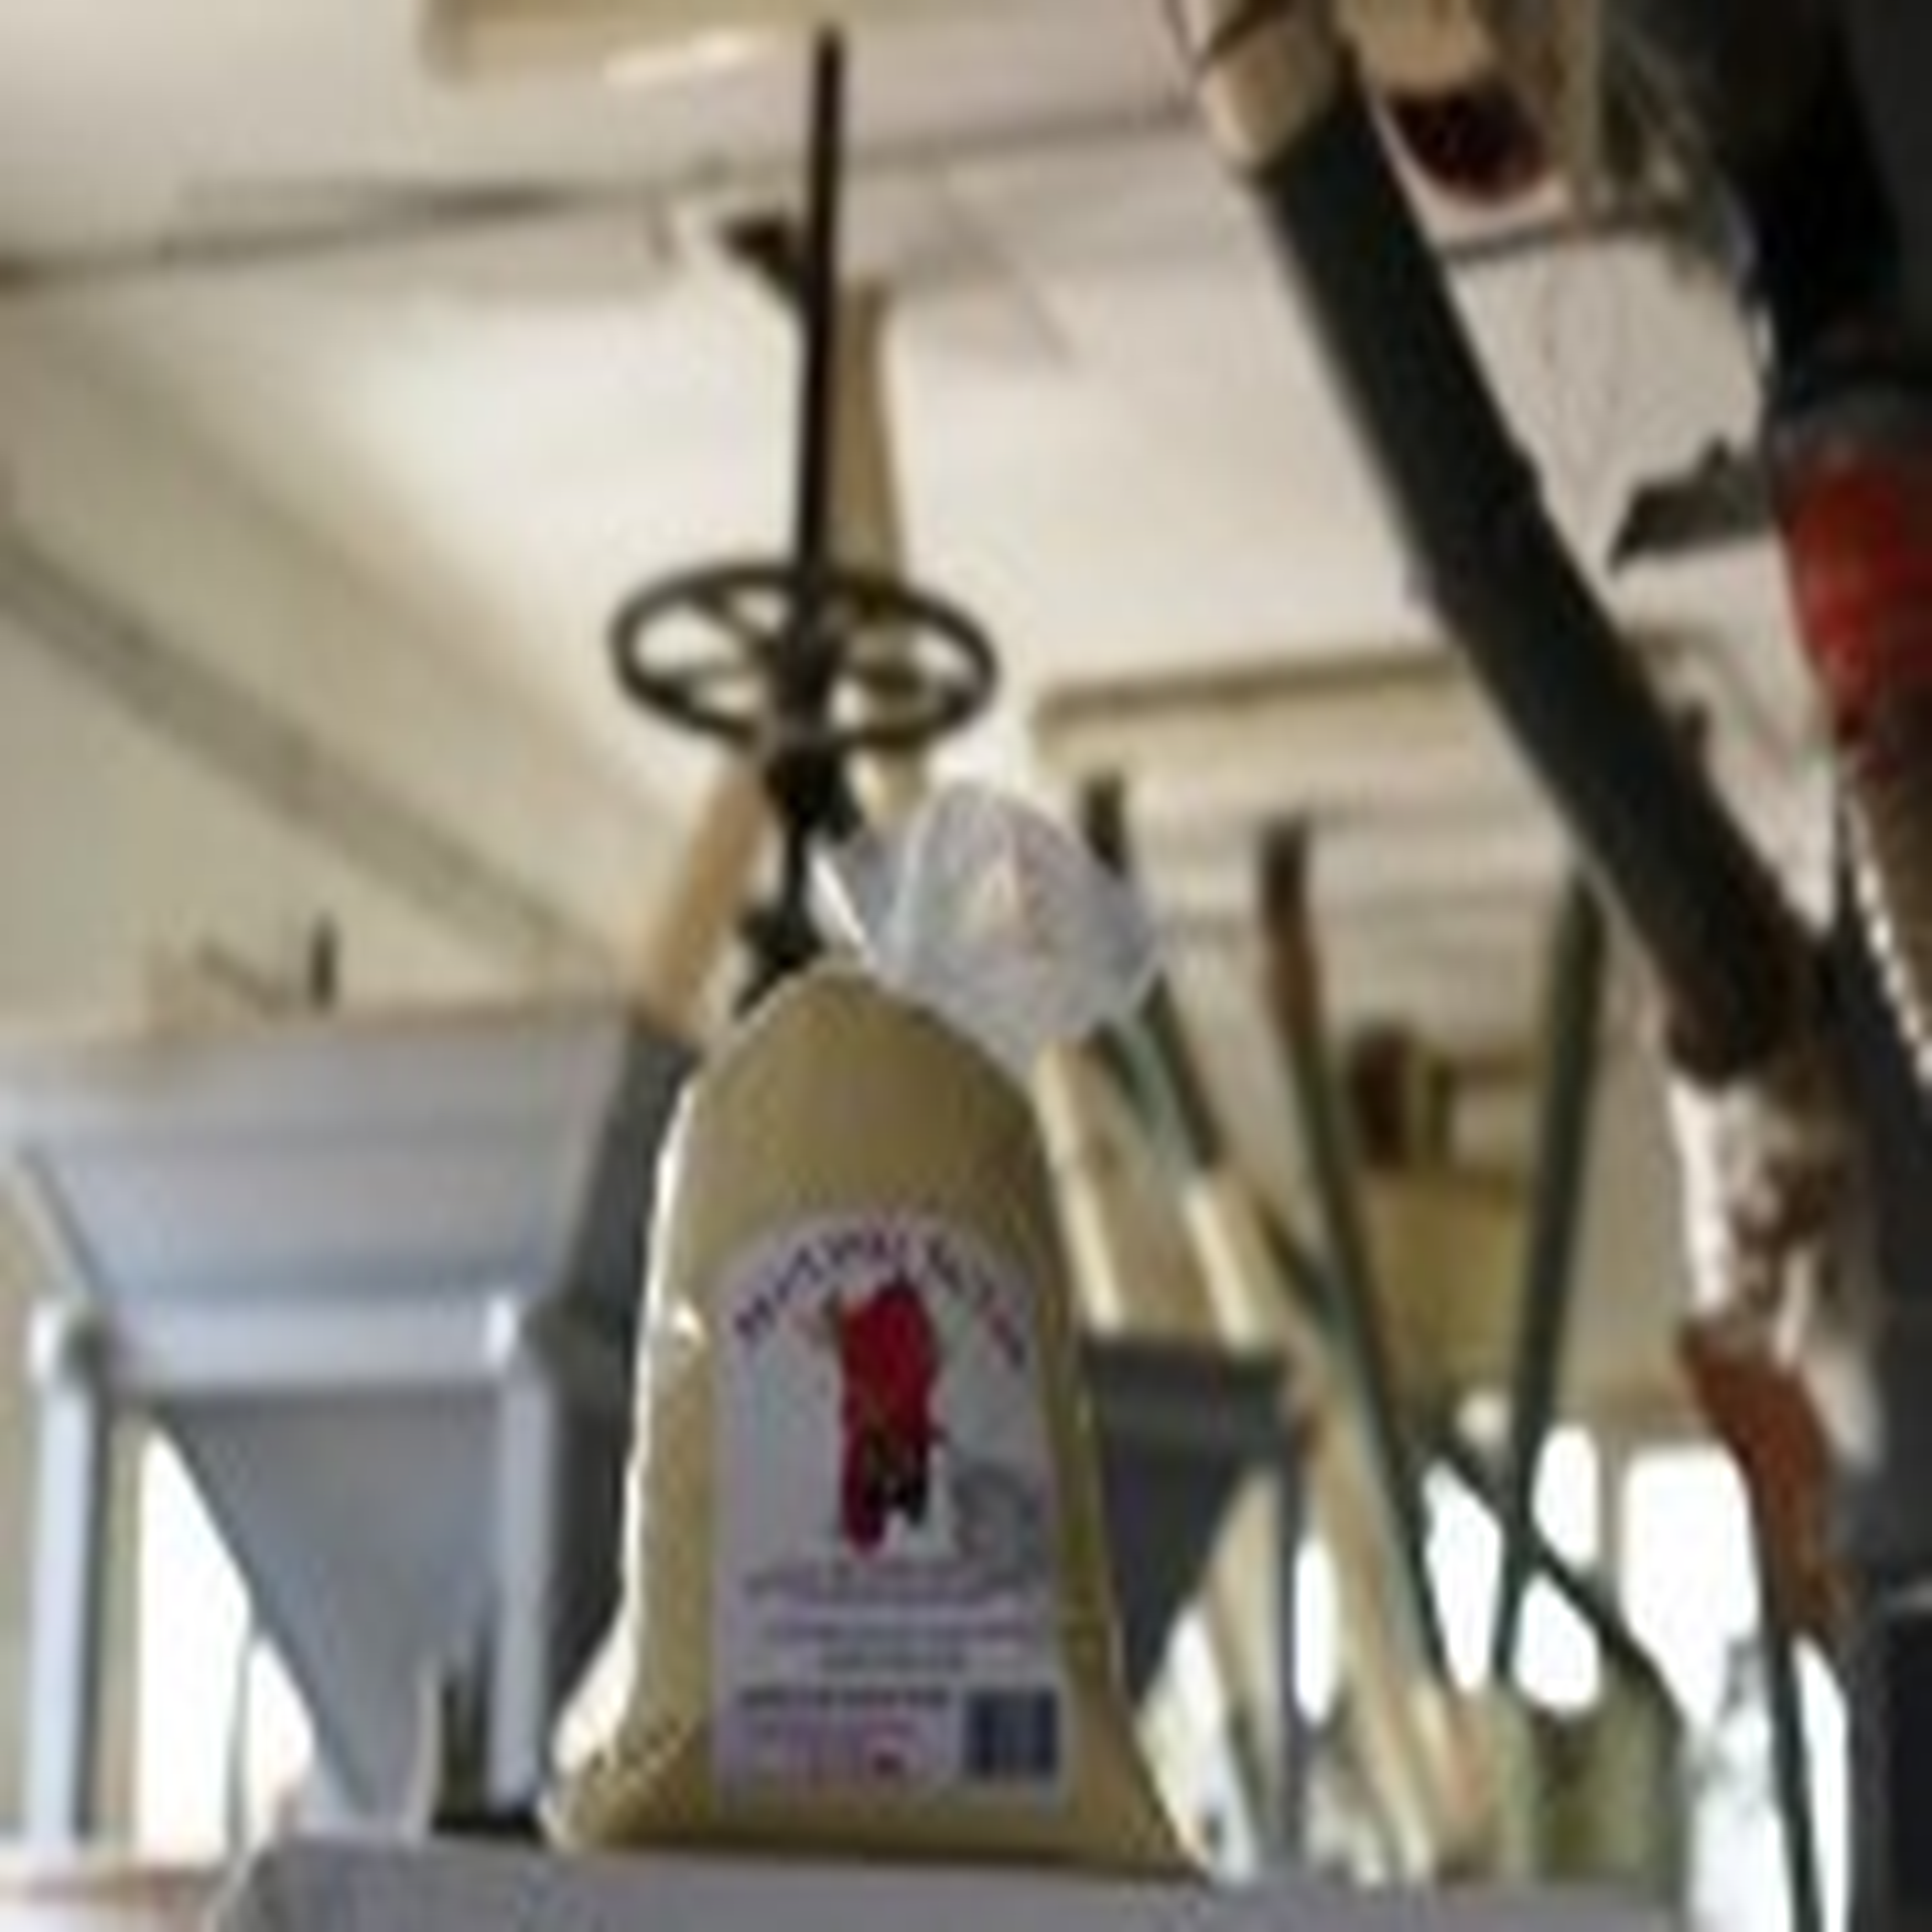 semola di grano duro Kg 3 - 2 confezioni  mulino sulis